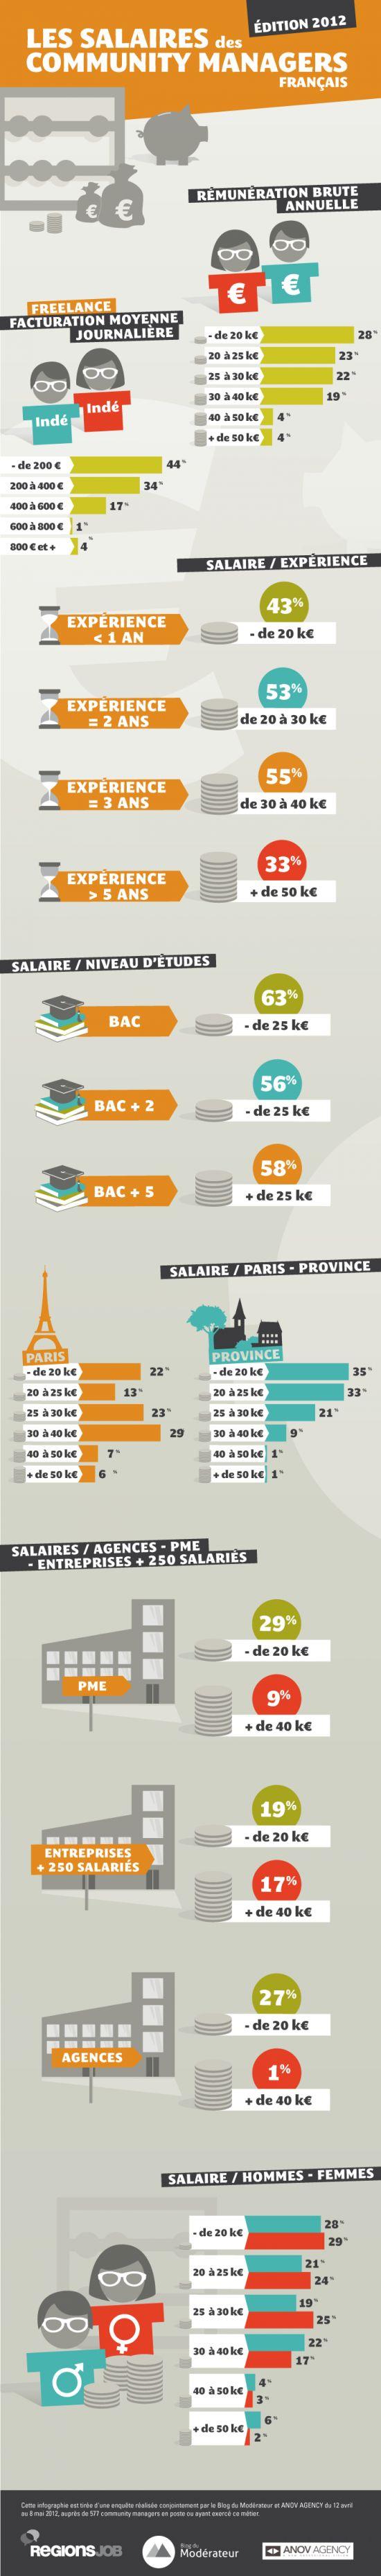 {Infographie} Le salaire des community managers via @blogdumoderateur #SocialMedia #Community Management #Web #CM cc @ANOVAgency